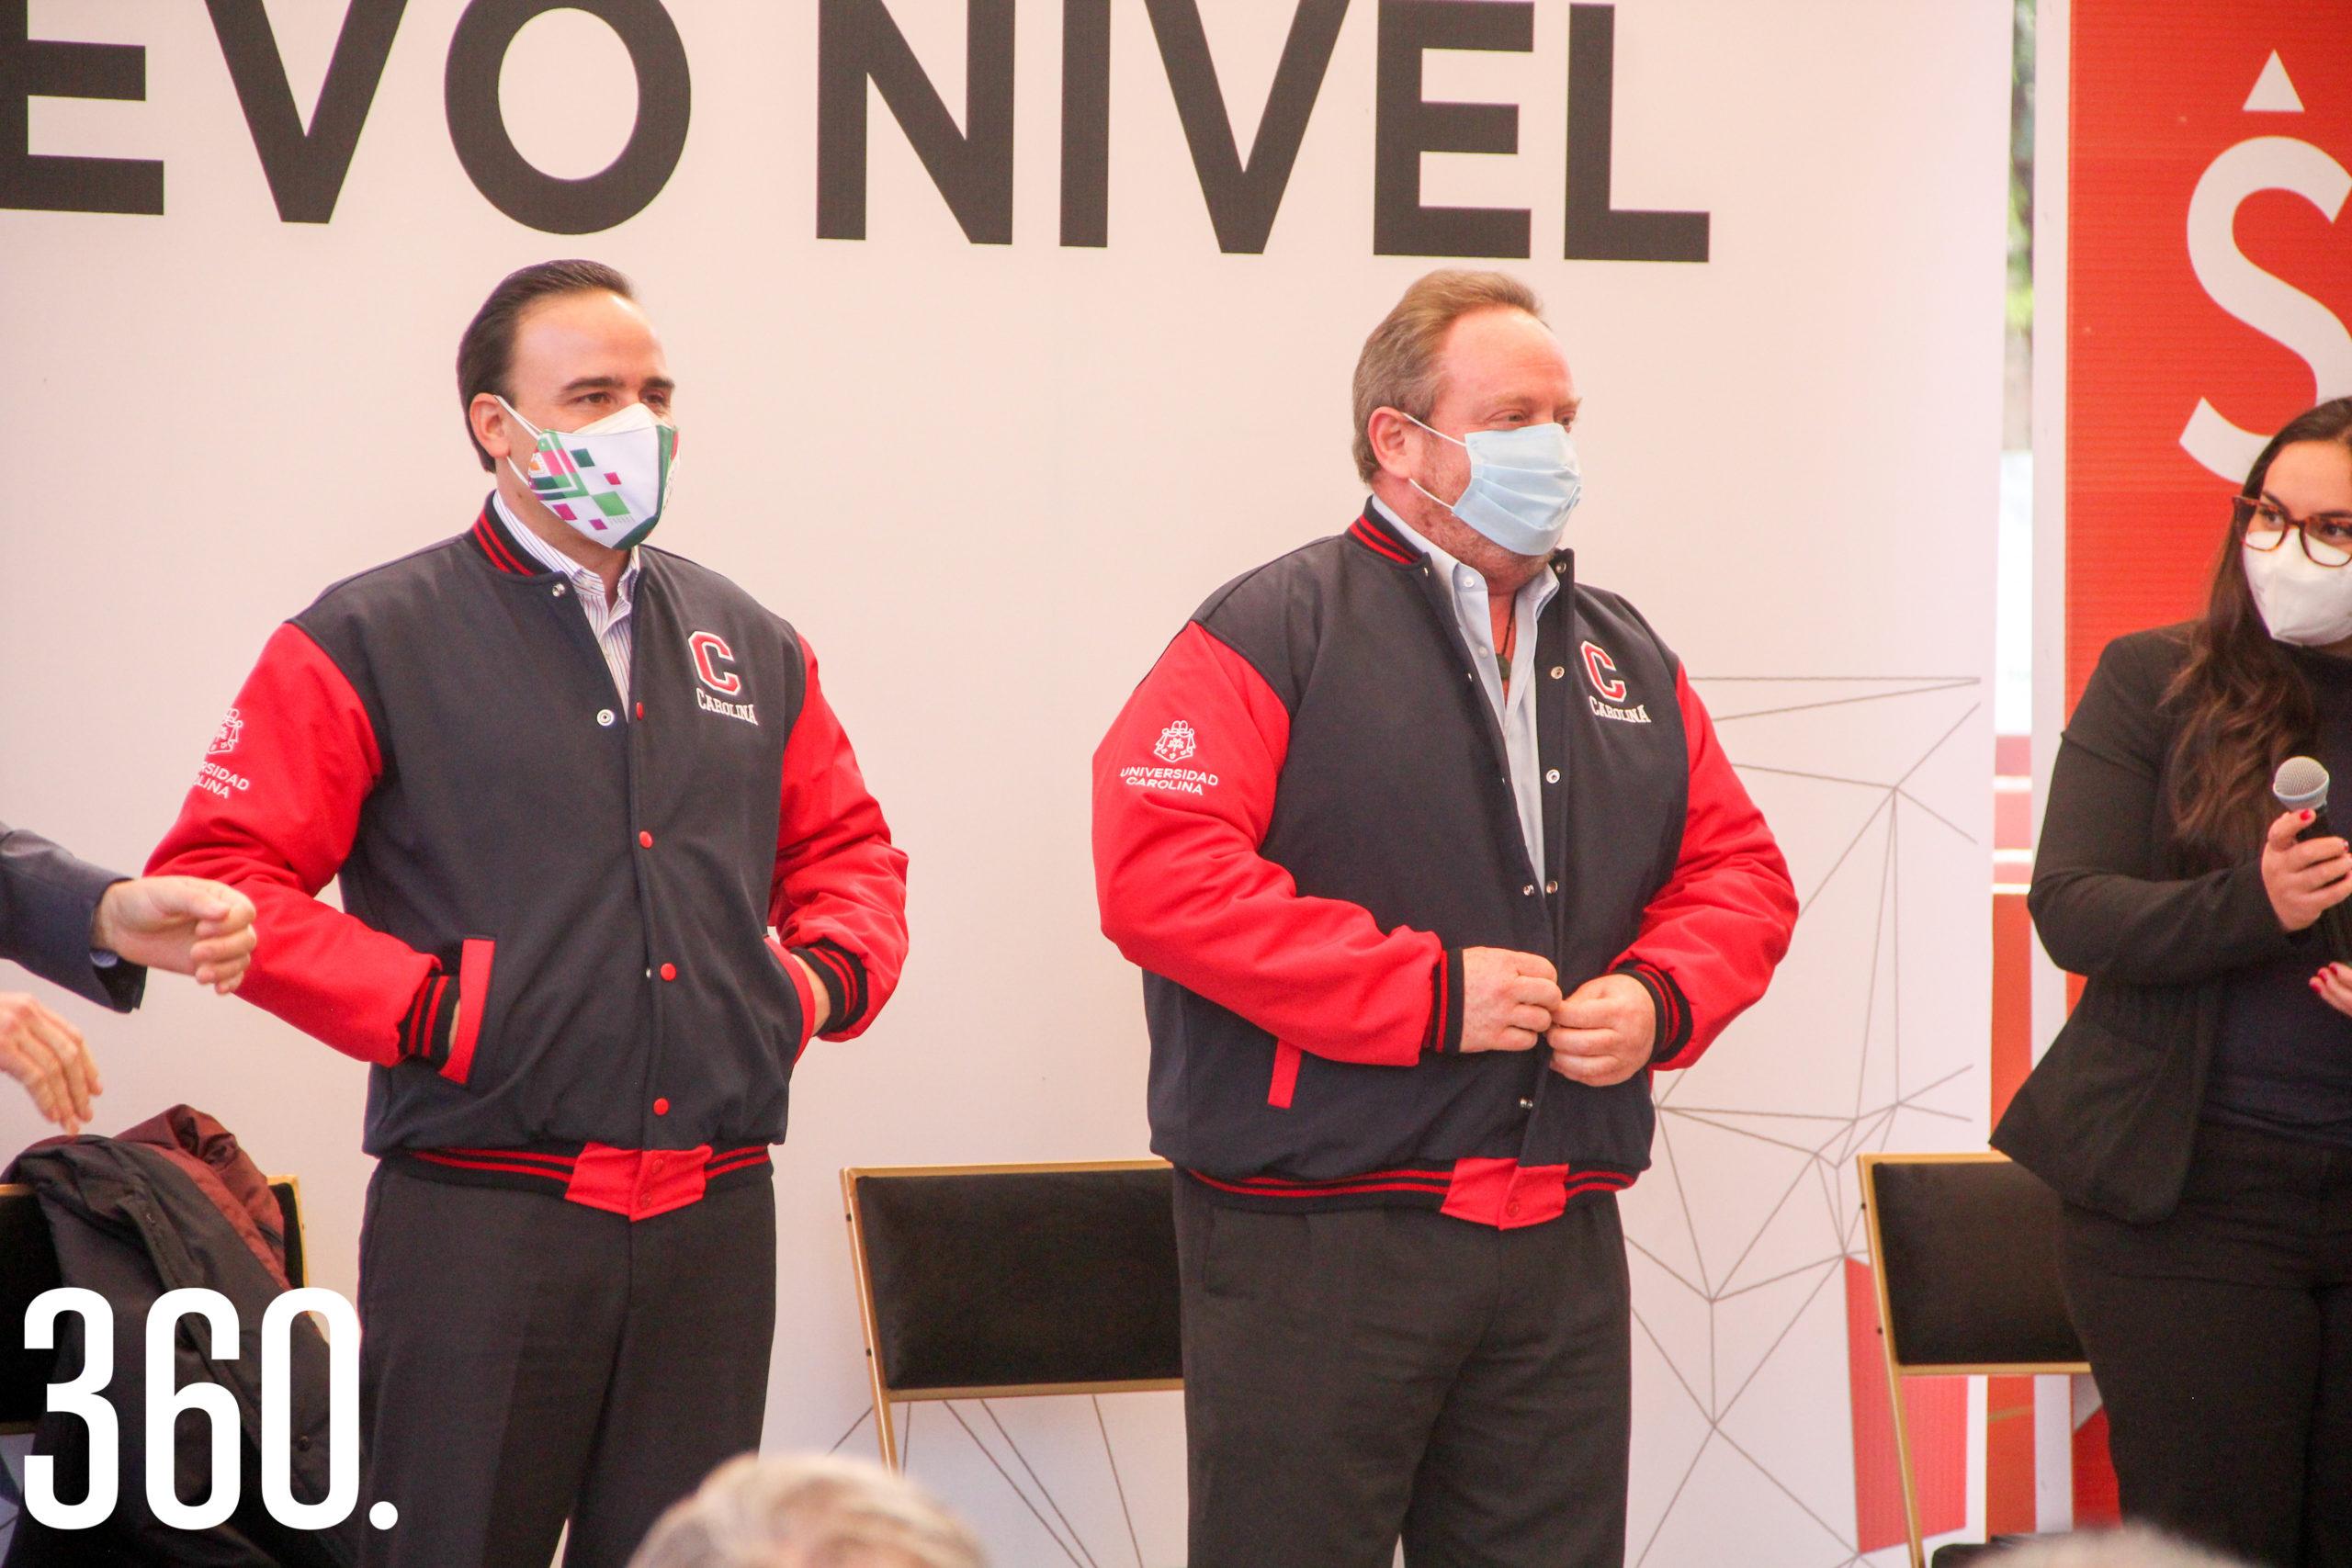 Manolo Jiménez y Marcus Dantus recibiendo unas chamarras por parte de la universidad.